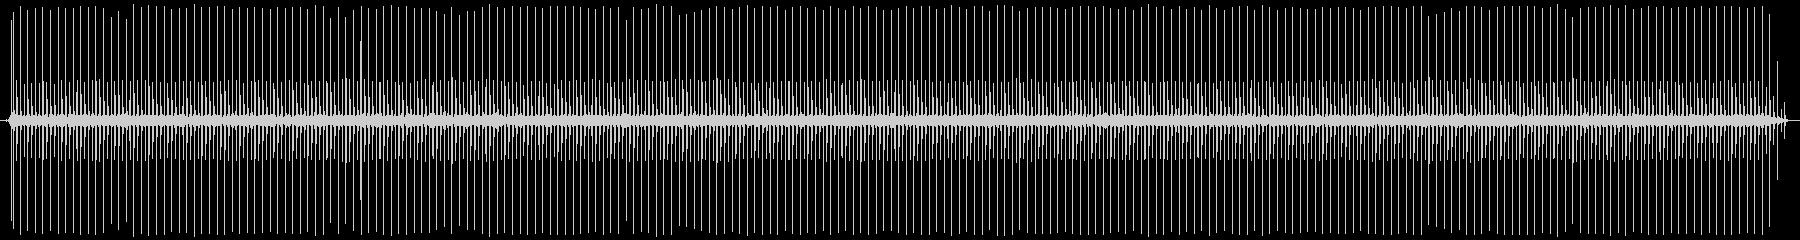 【アンプノイズ/ジー/ジジジジ】の未再生の波形